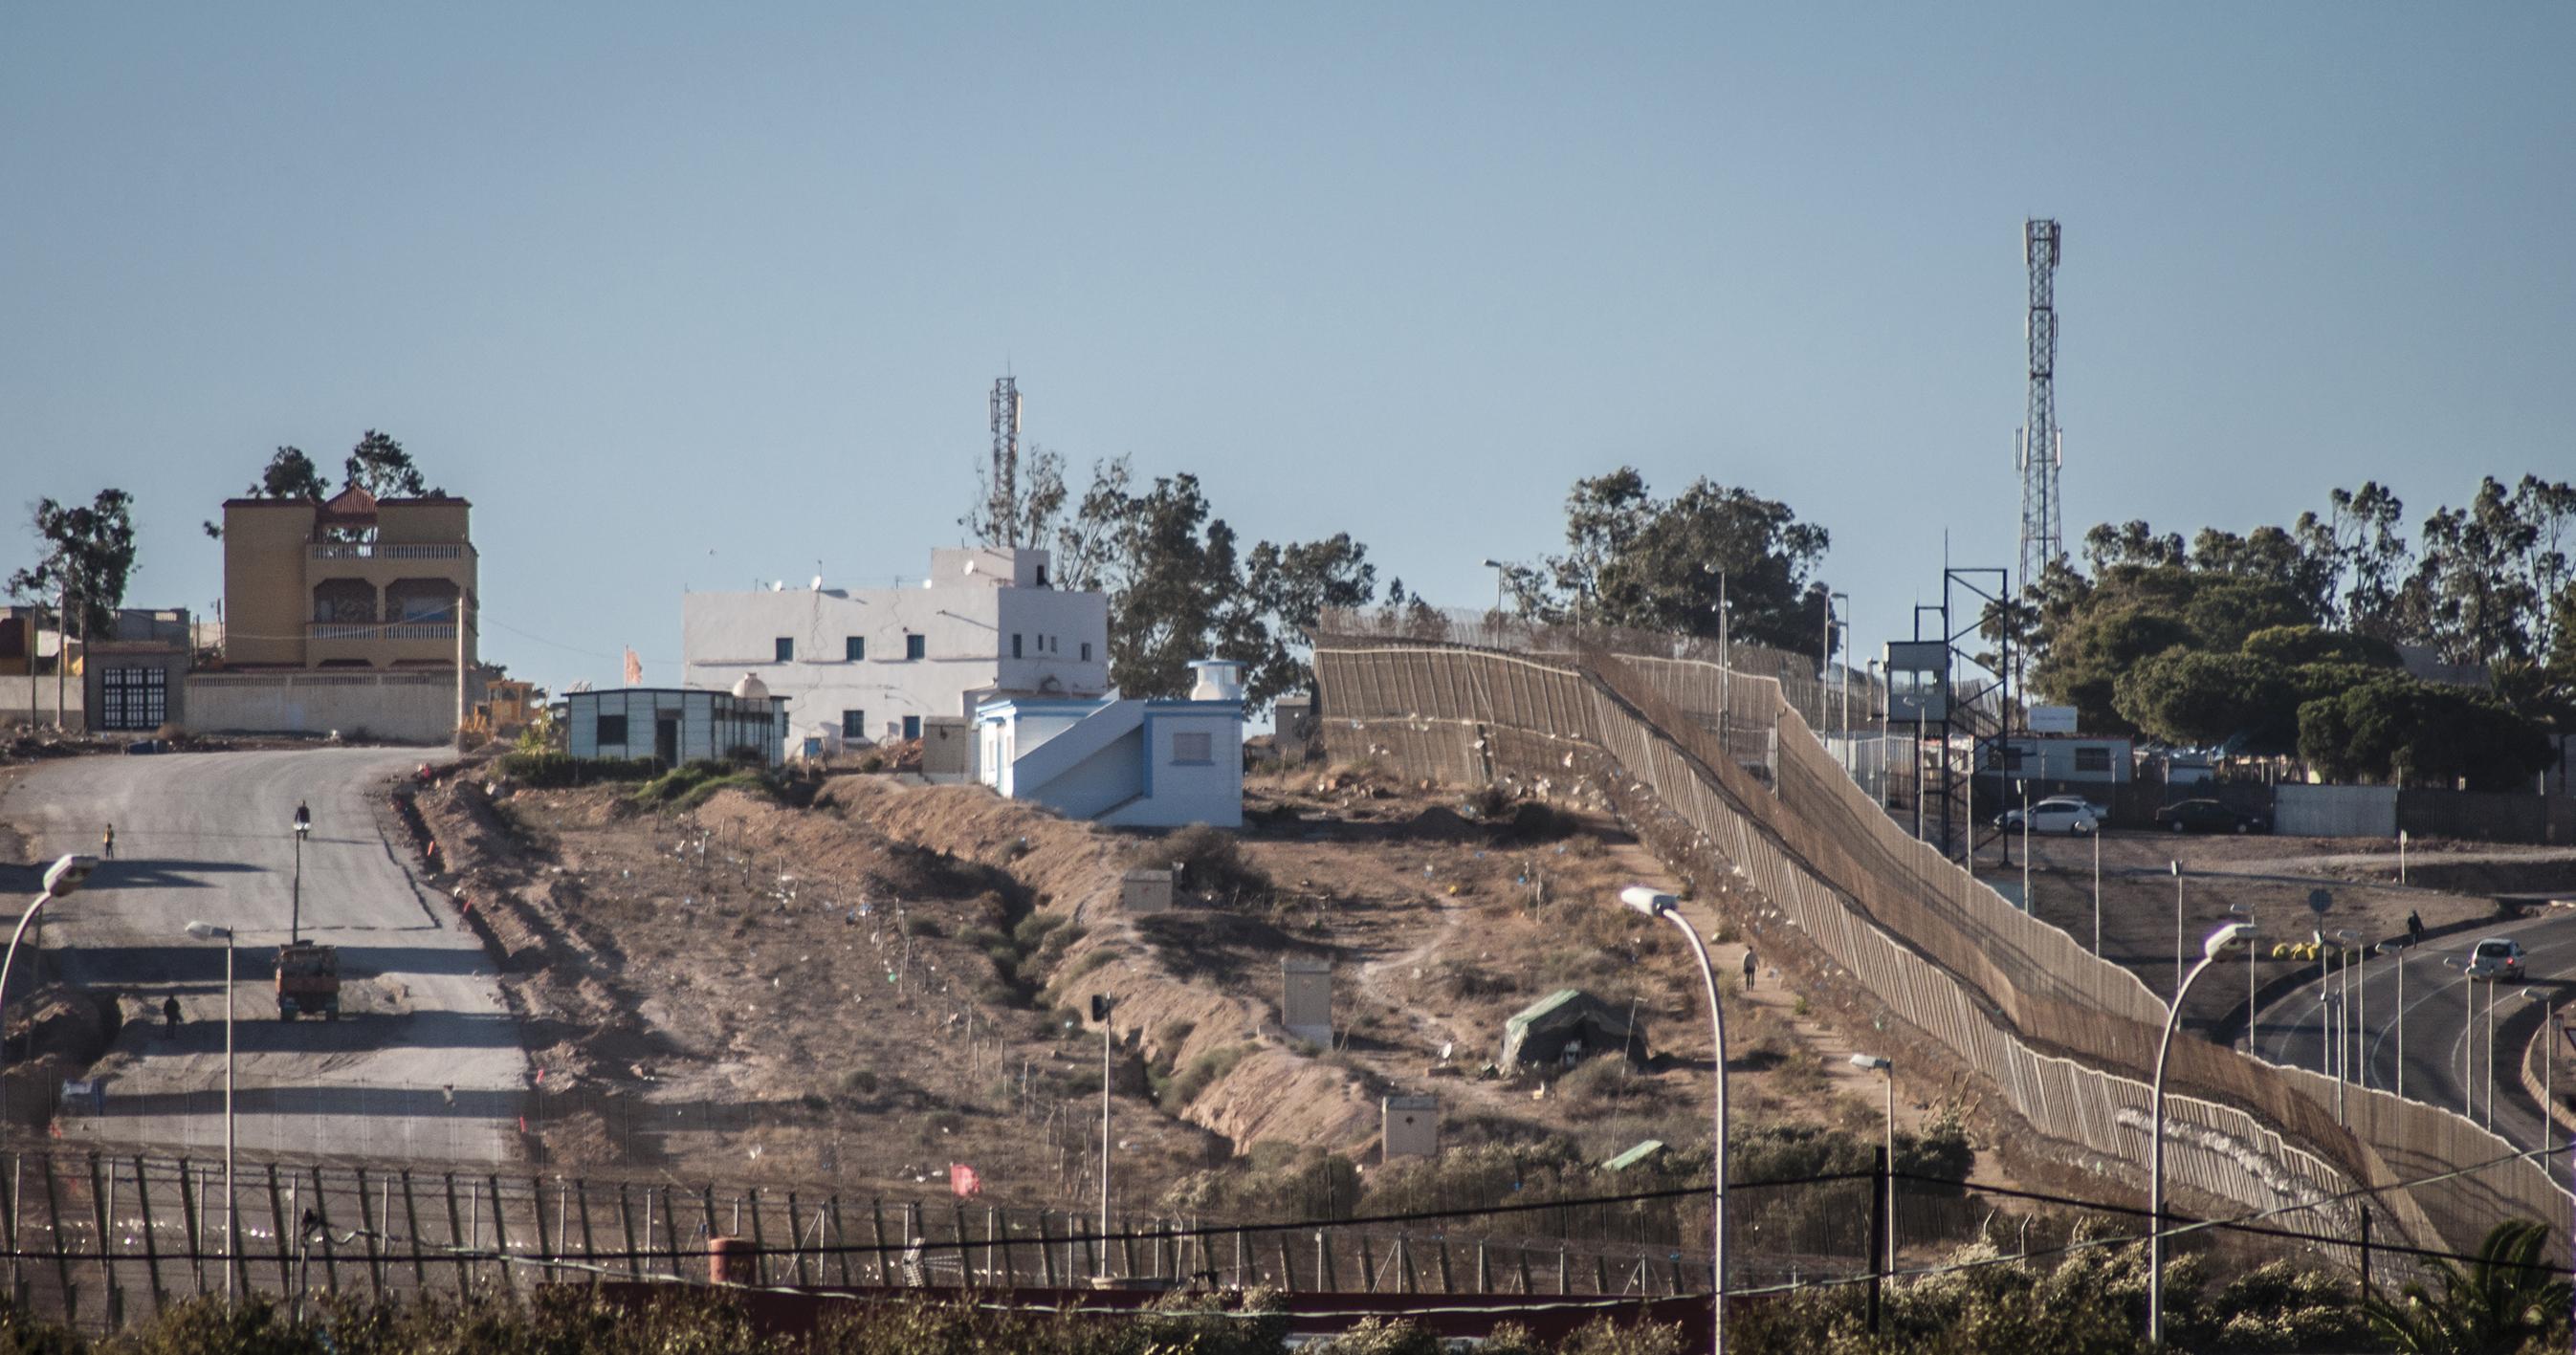 Marruecos comienza a levantar en Melilla una valla paralela a la española